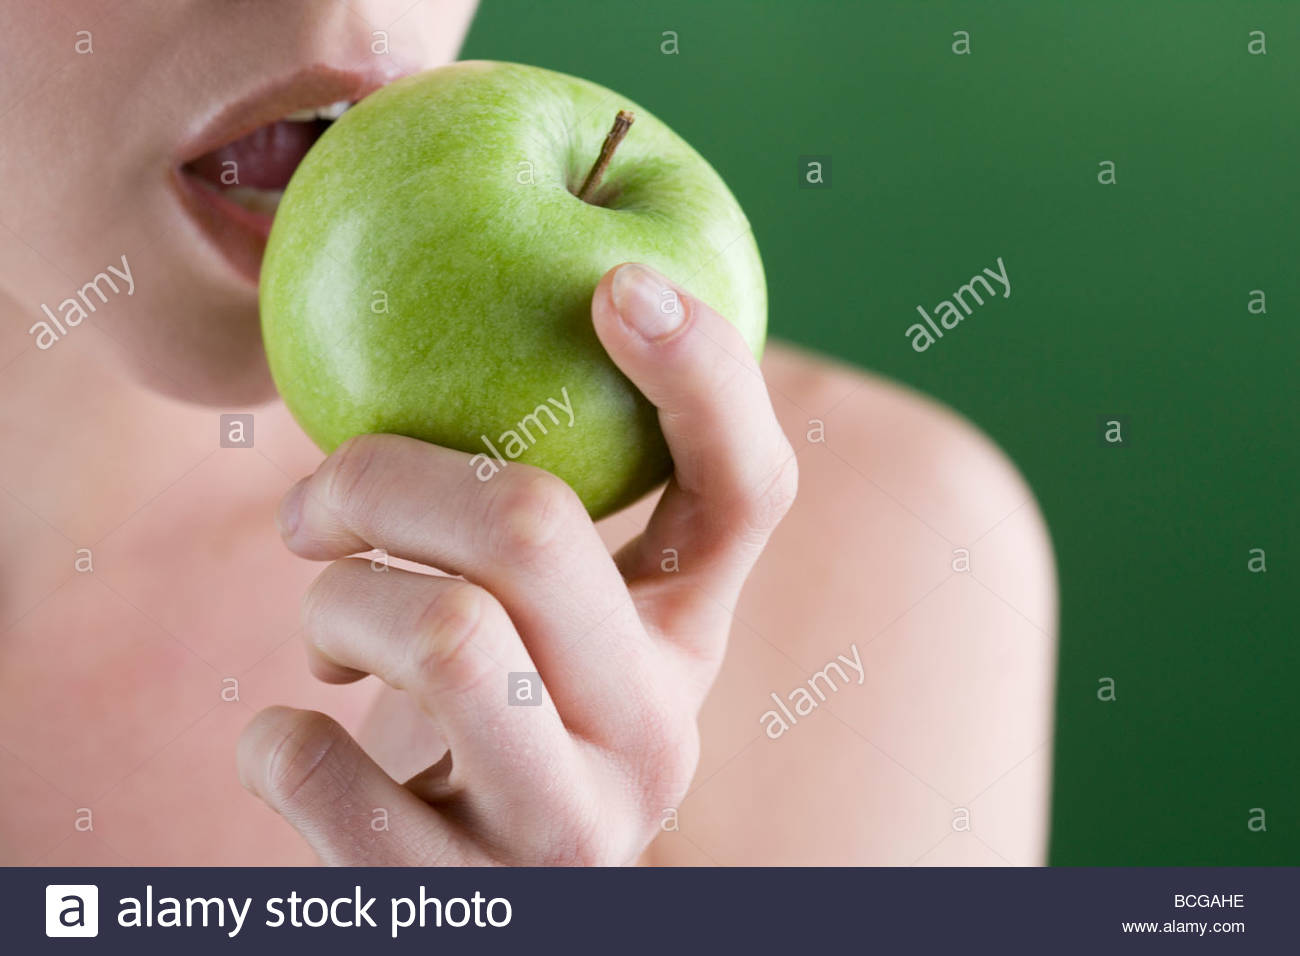 Una joven mujer comiendo una manzana, close-up Imagen De Stock